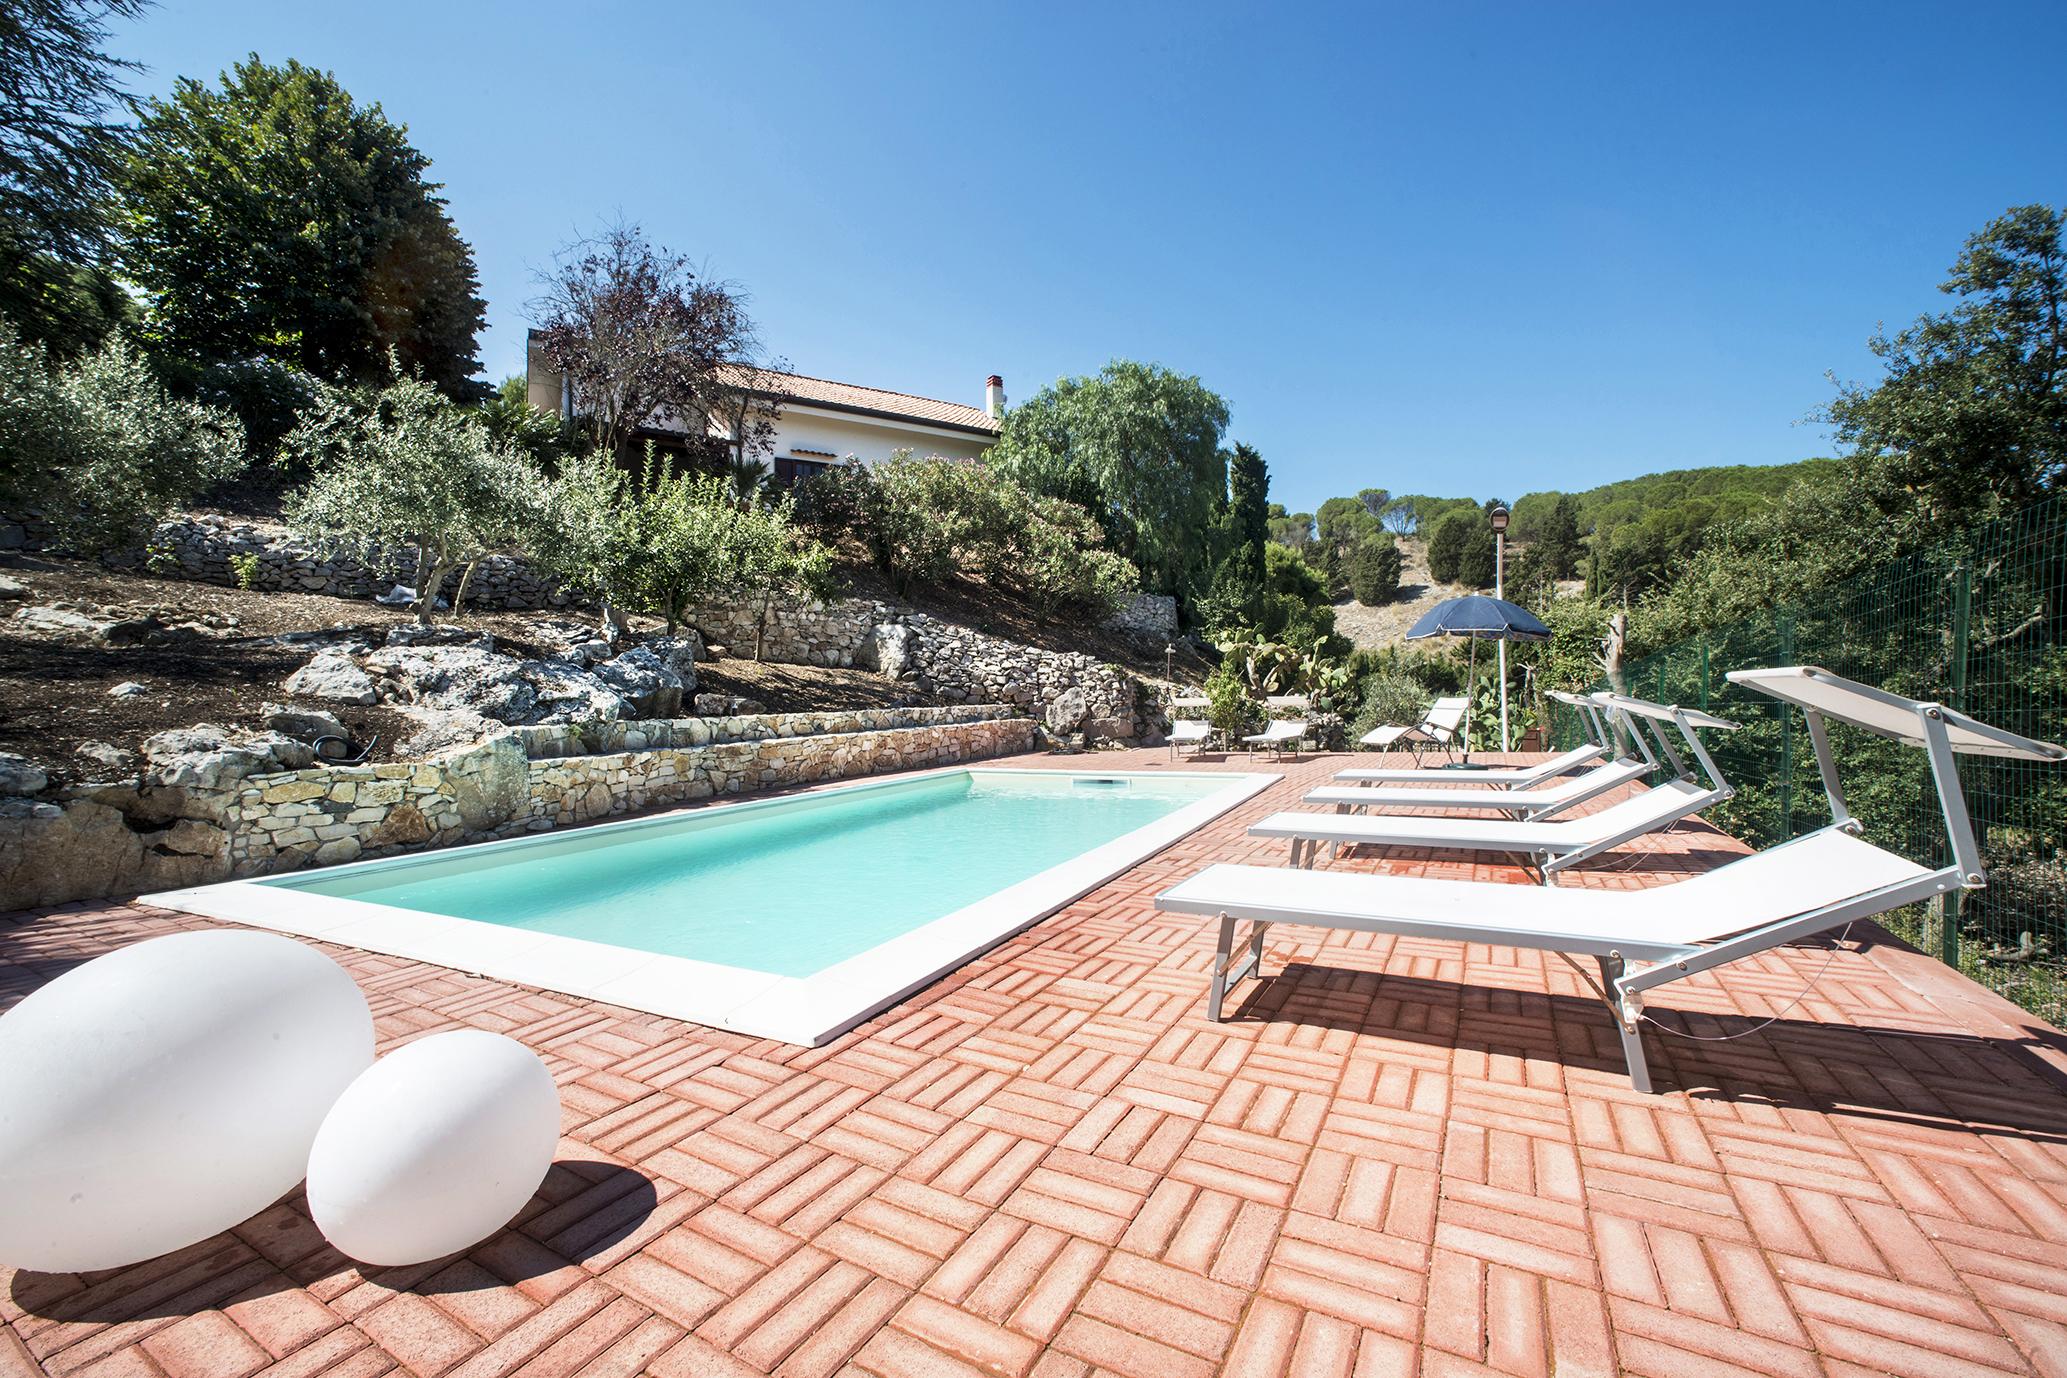 piscina 8x4 profundidad disenos de casas